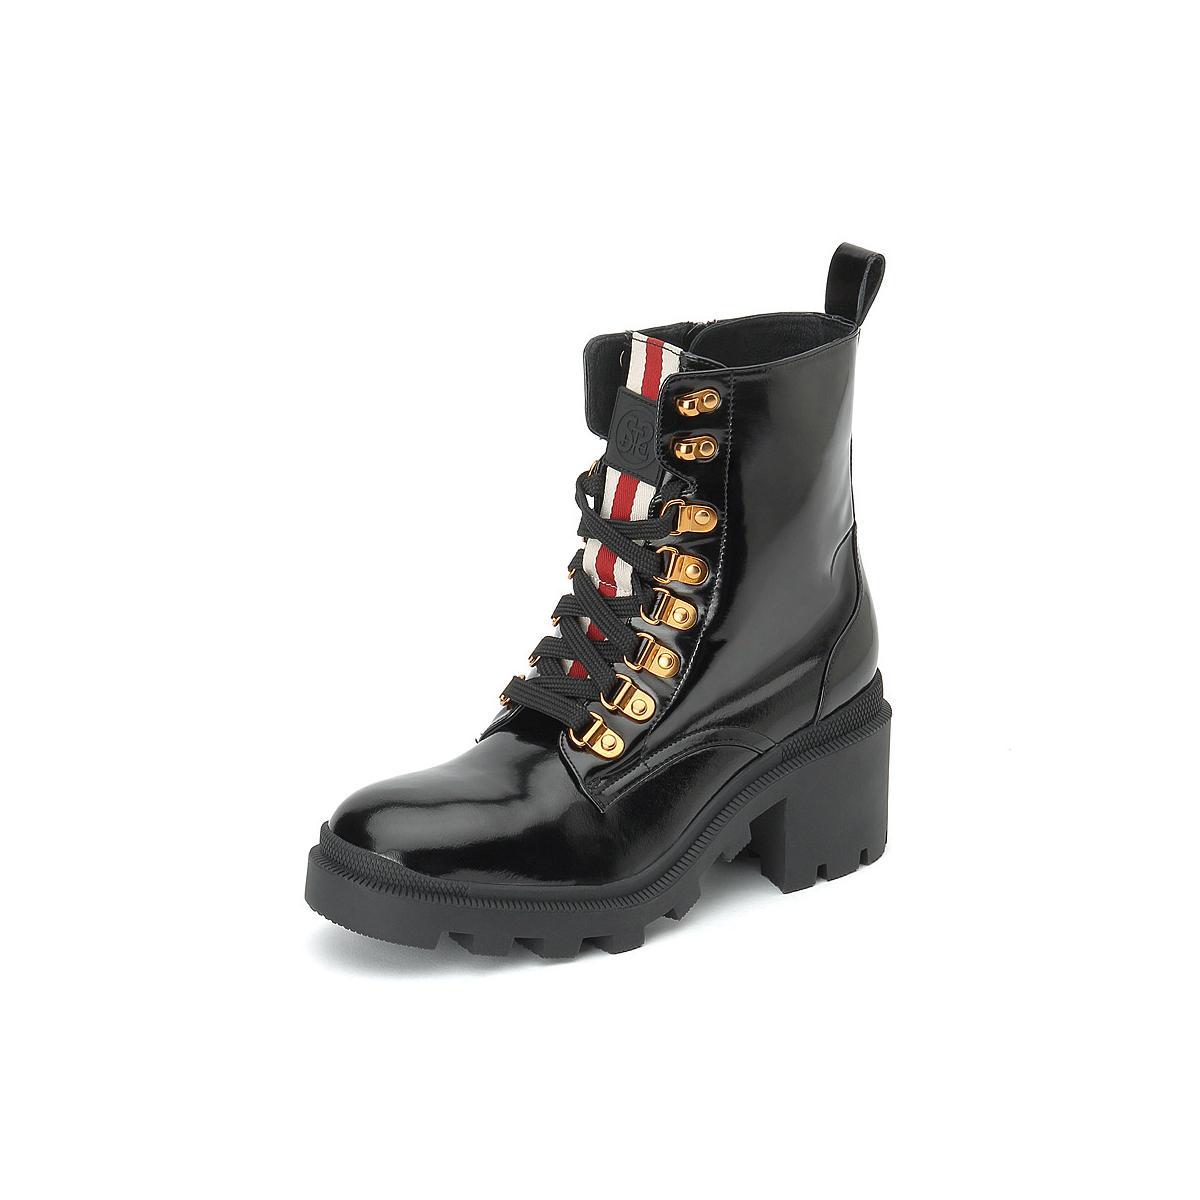 思加图思加图2019冬季新款时尚系带侧拉链粗高跟牛皮短靴女皮靴9IJ01DD9SZP9IJ01DU1DD9